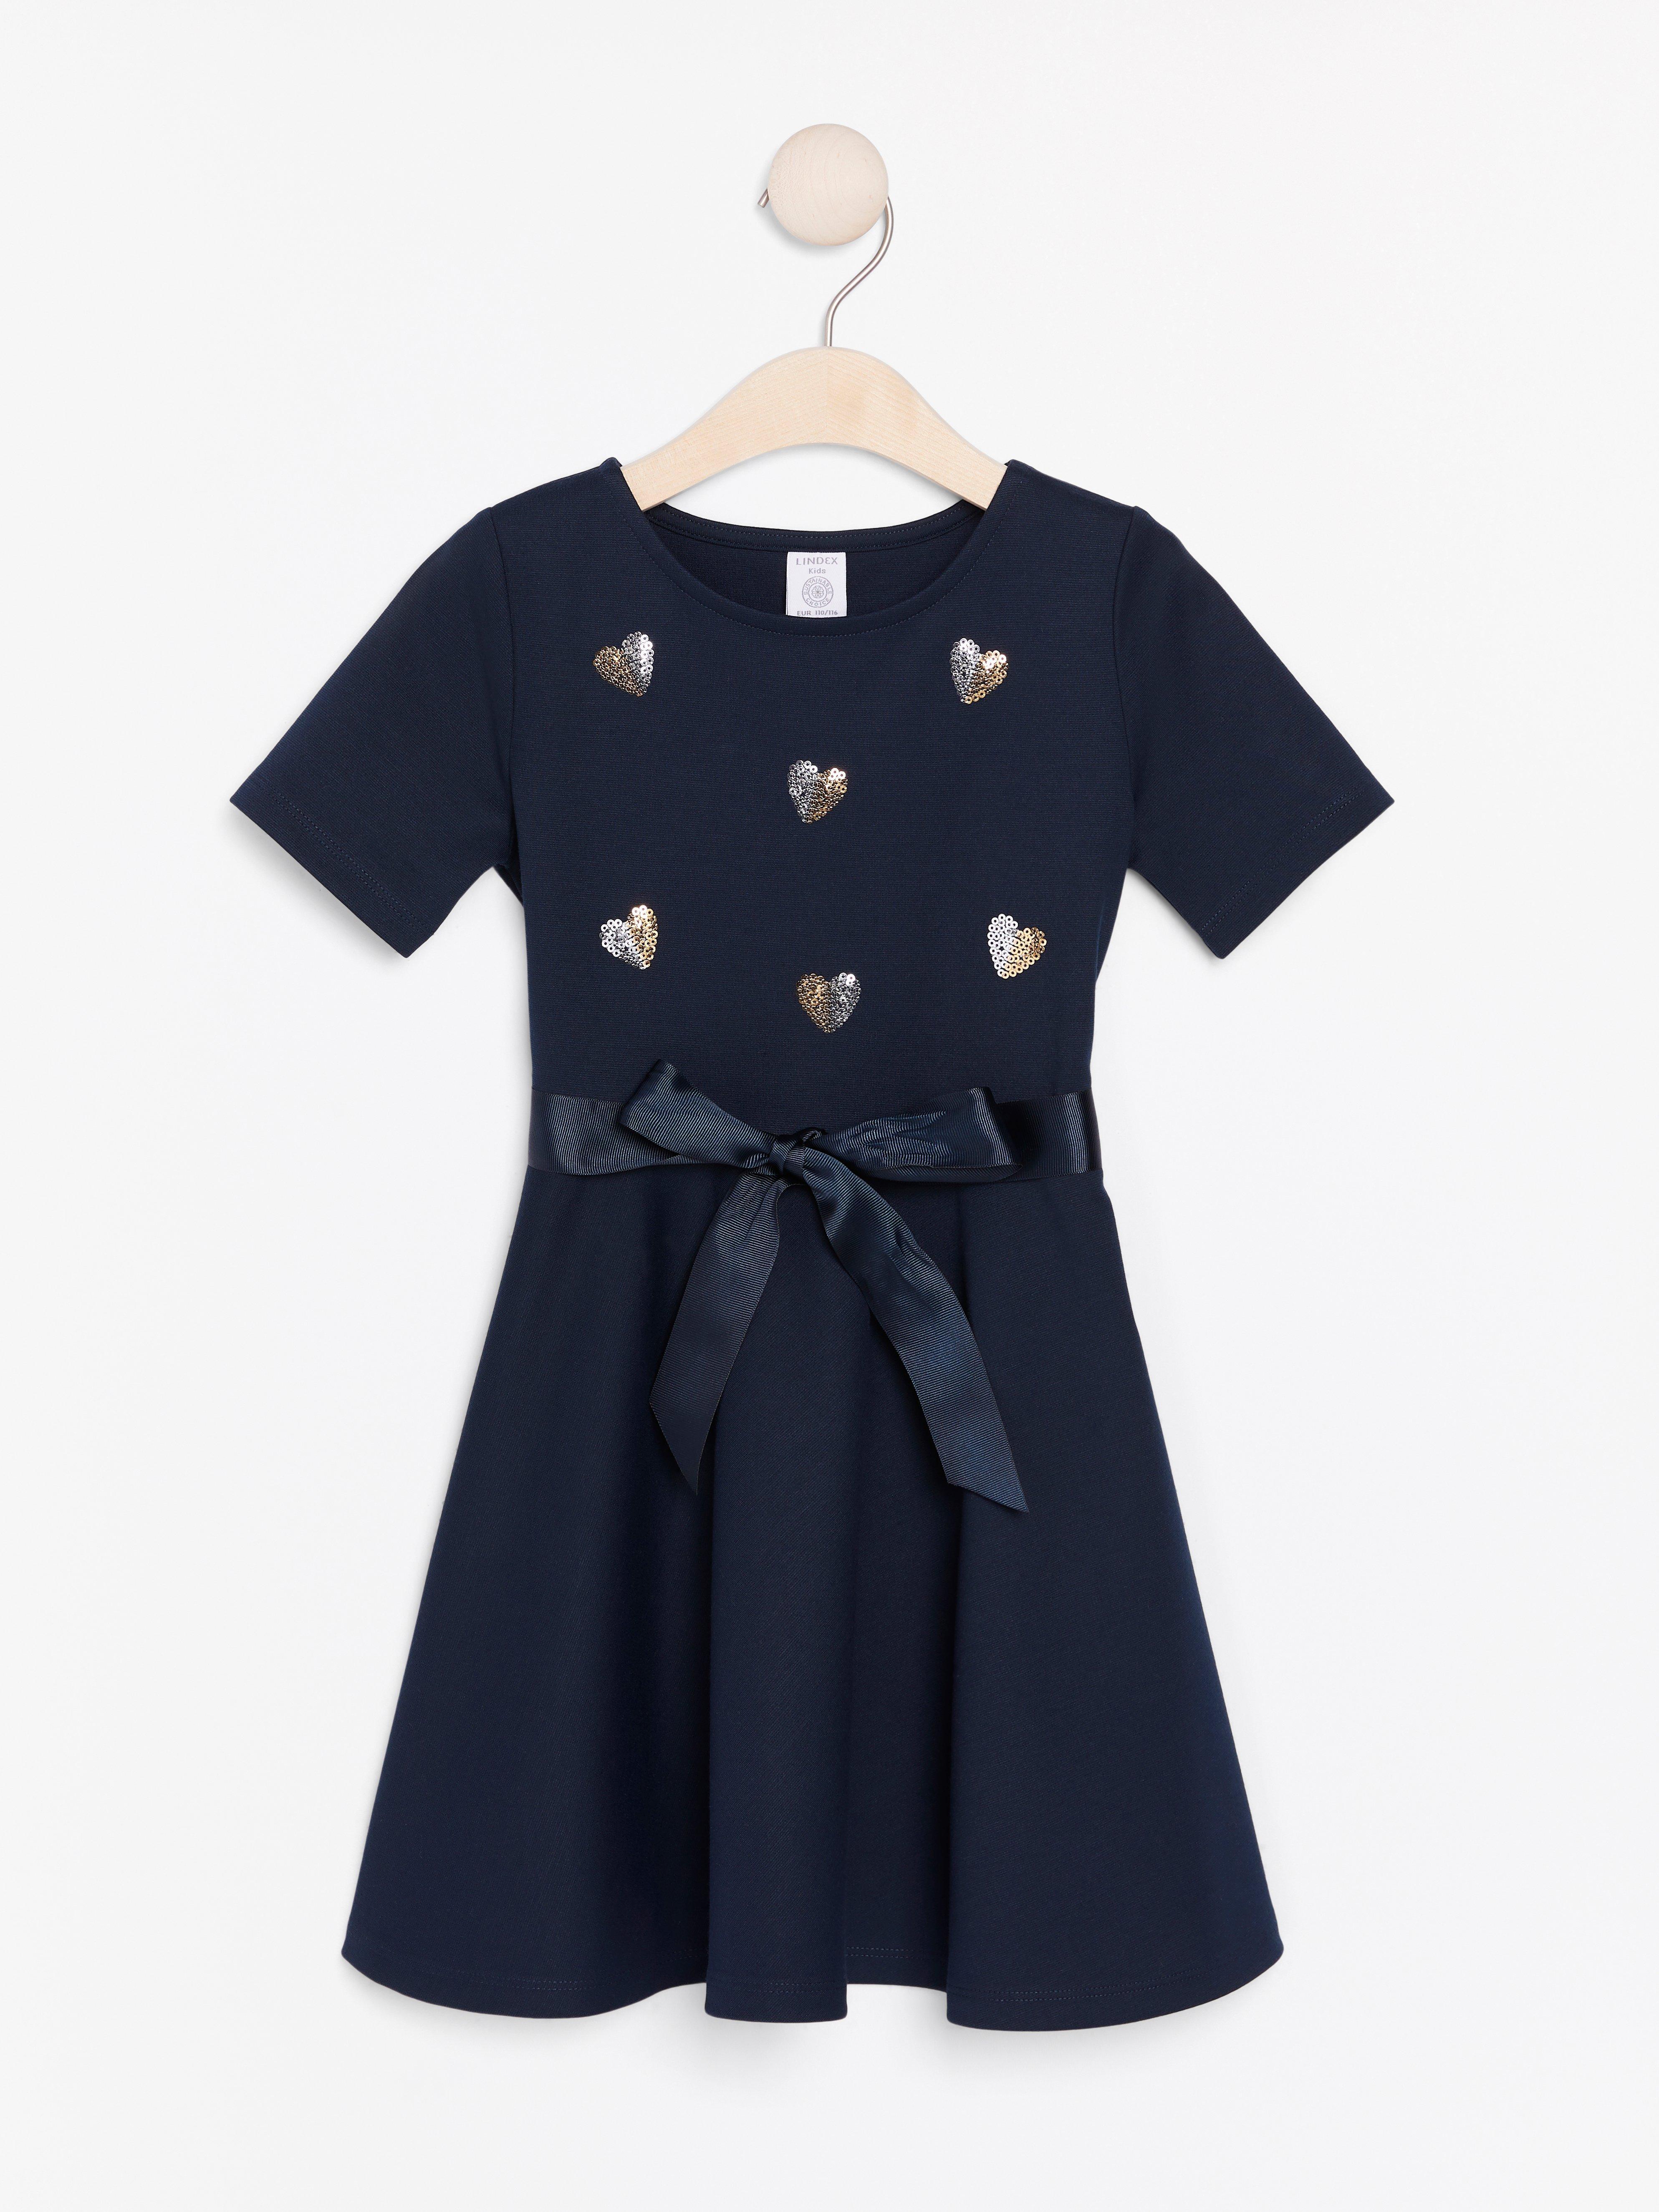 Kortärmad jerseyklänning med paljetthjärtan